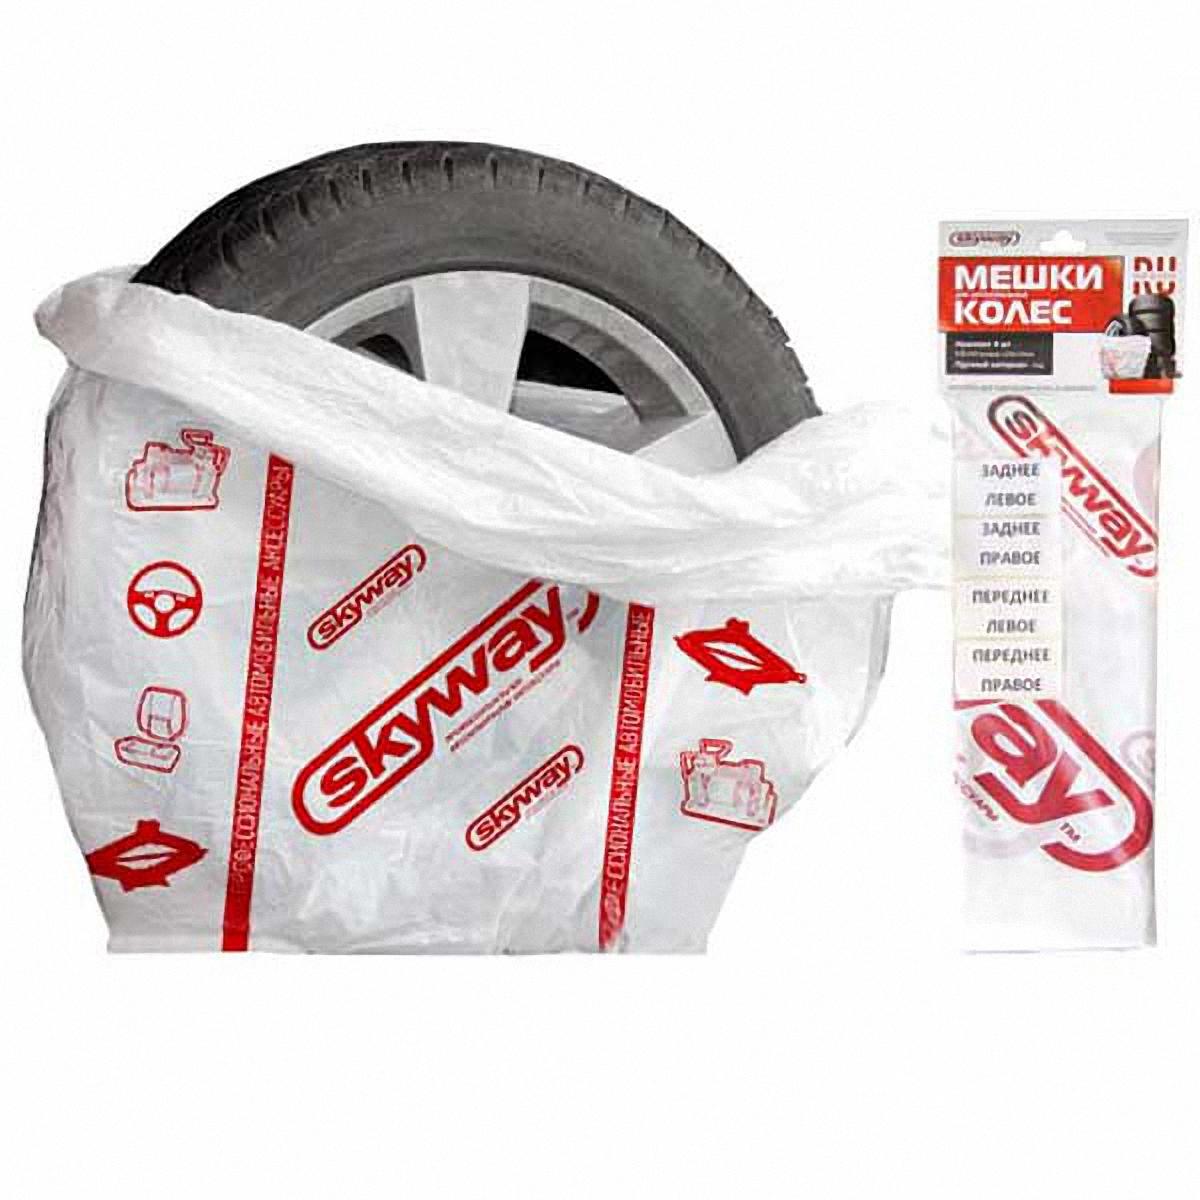 Мешки для колес Skyway R12-19, цвет: белый, 110 х 110 см, 4 шт мешки для колес skyway r12 19 цвет белый 110 х 110 см 4 шт